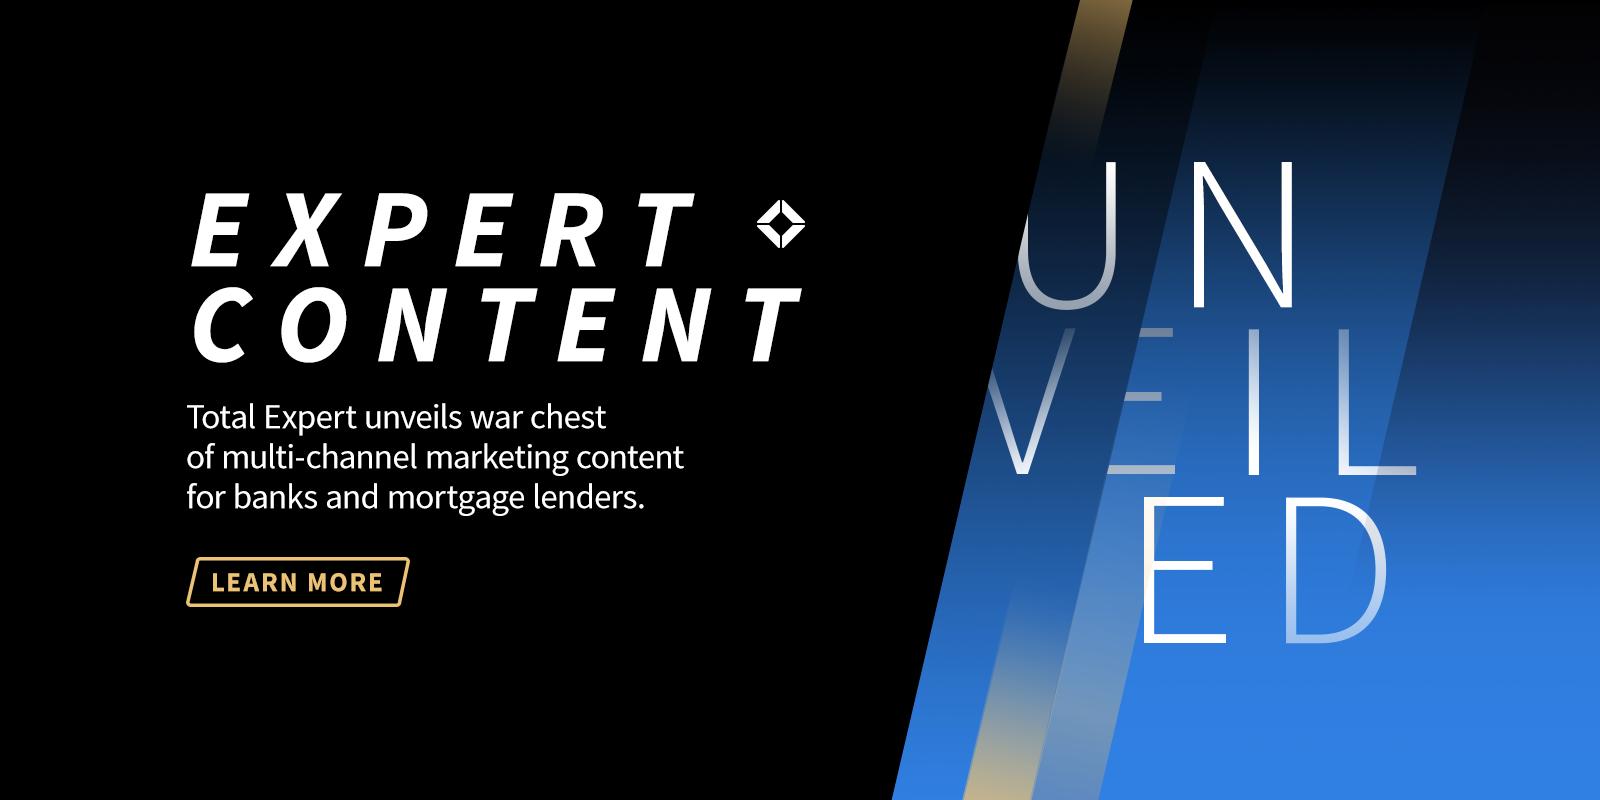 1808_PRES_Expert Content Press Release.v2